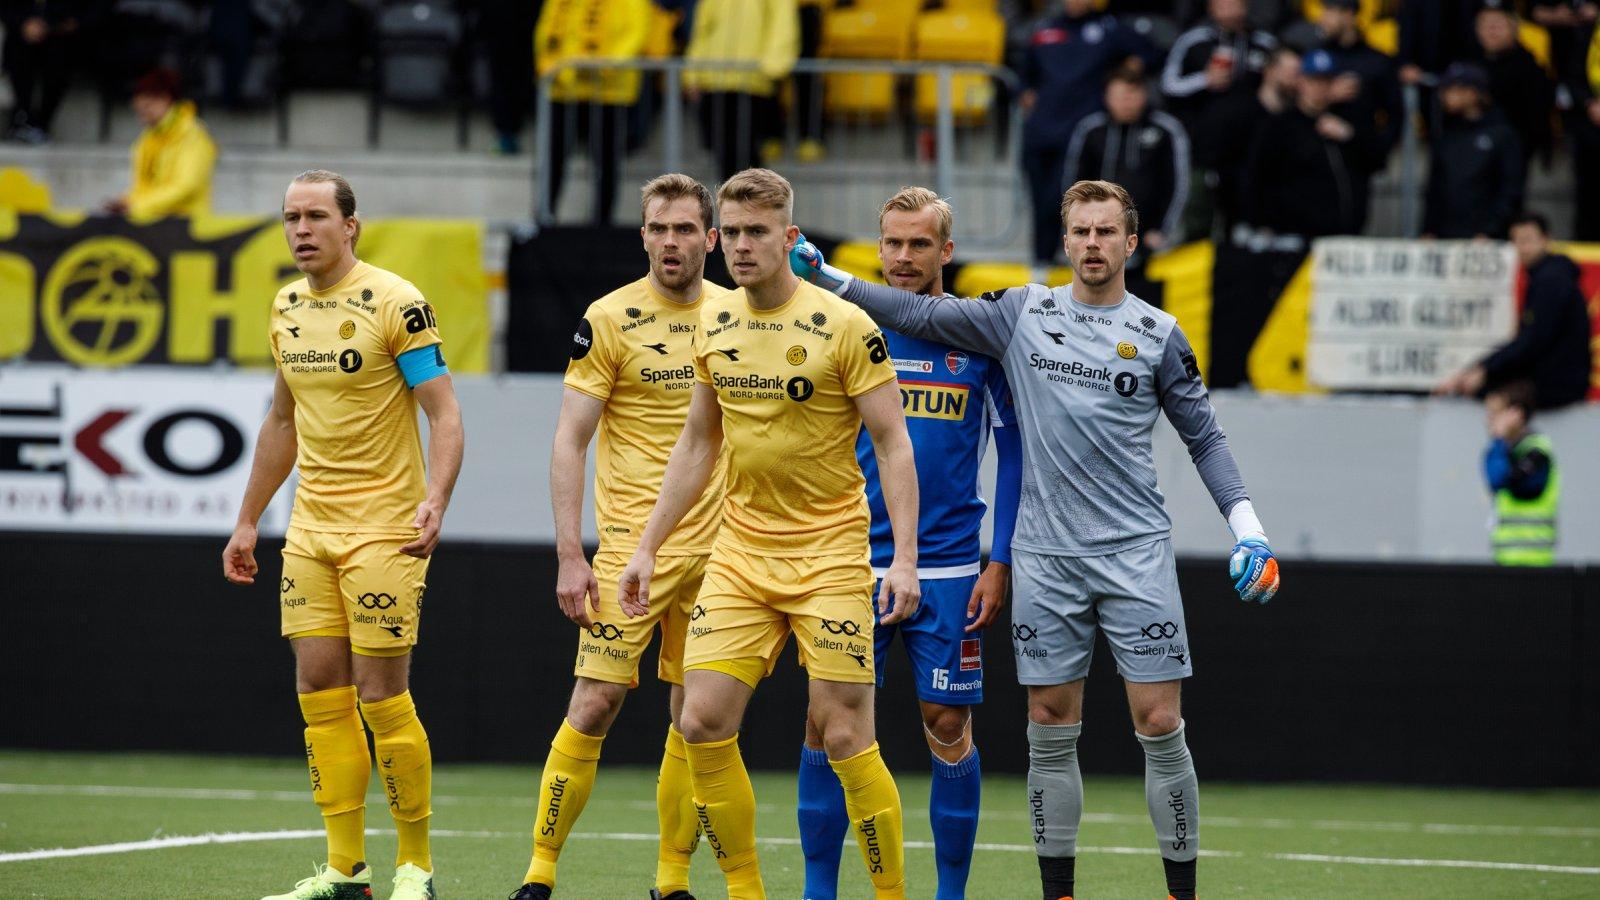 Martin Bjørnbak, Brede Moe, Kristian Aardal Opseth og Ricardo Friedrich mot Sandefjord på Aspmyra.